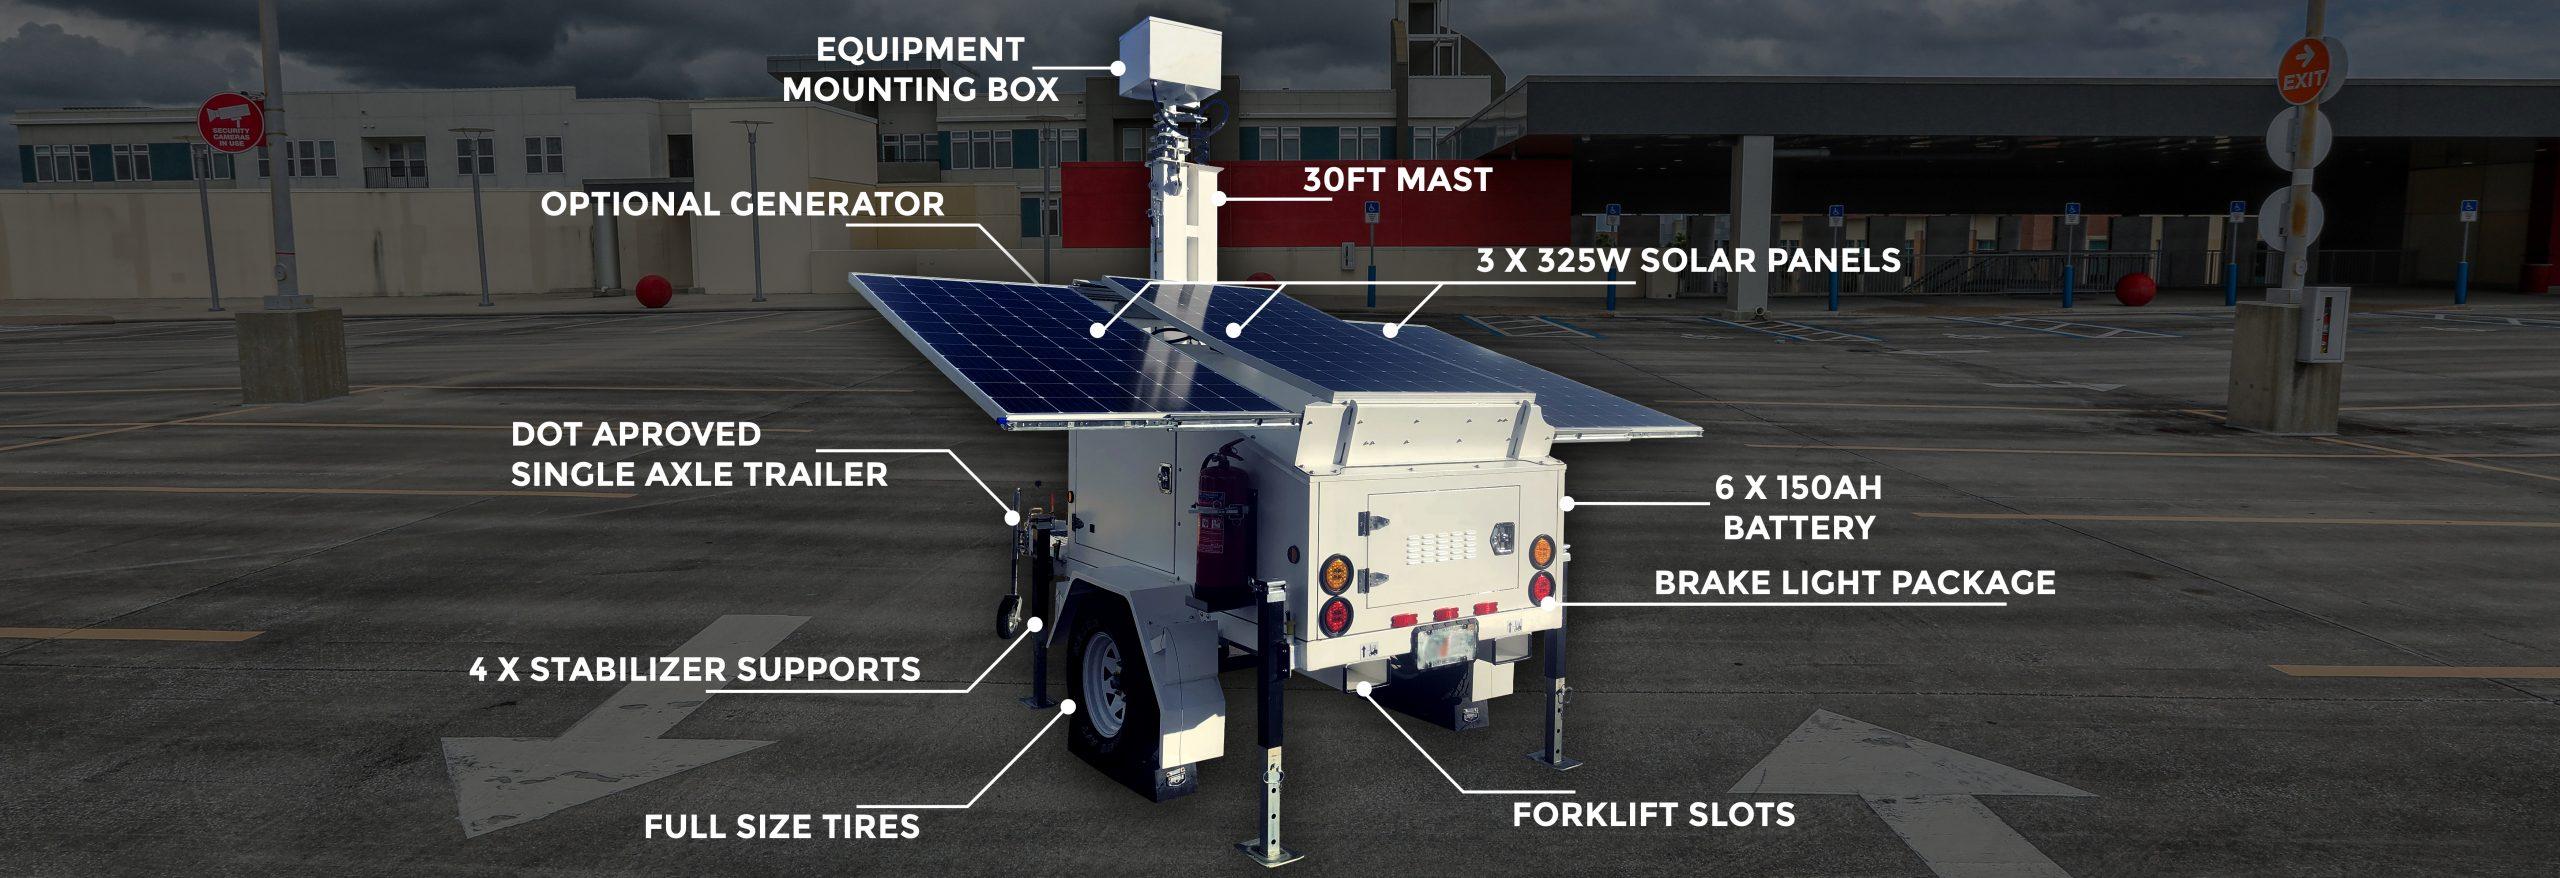 ArmorLogix Mobile Surveillance Trailer AL3500 Features